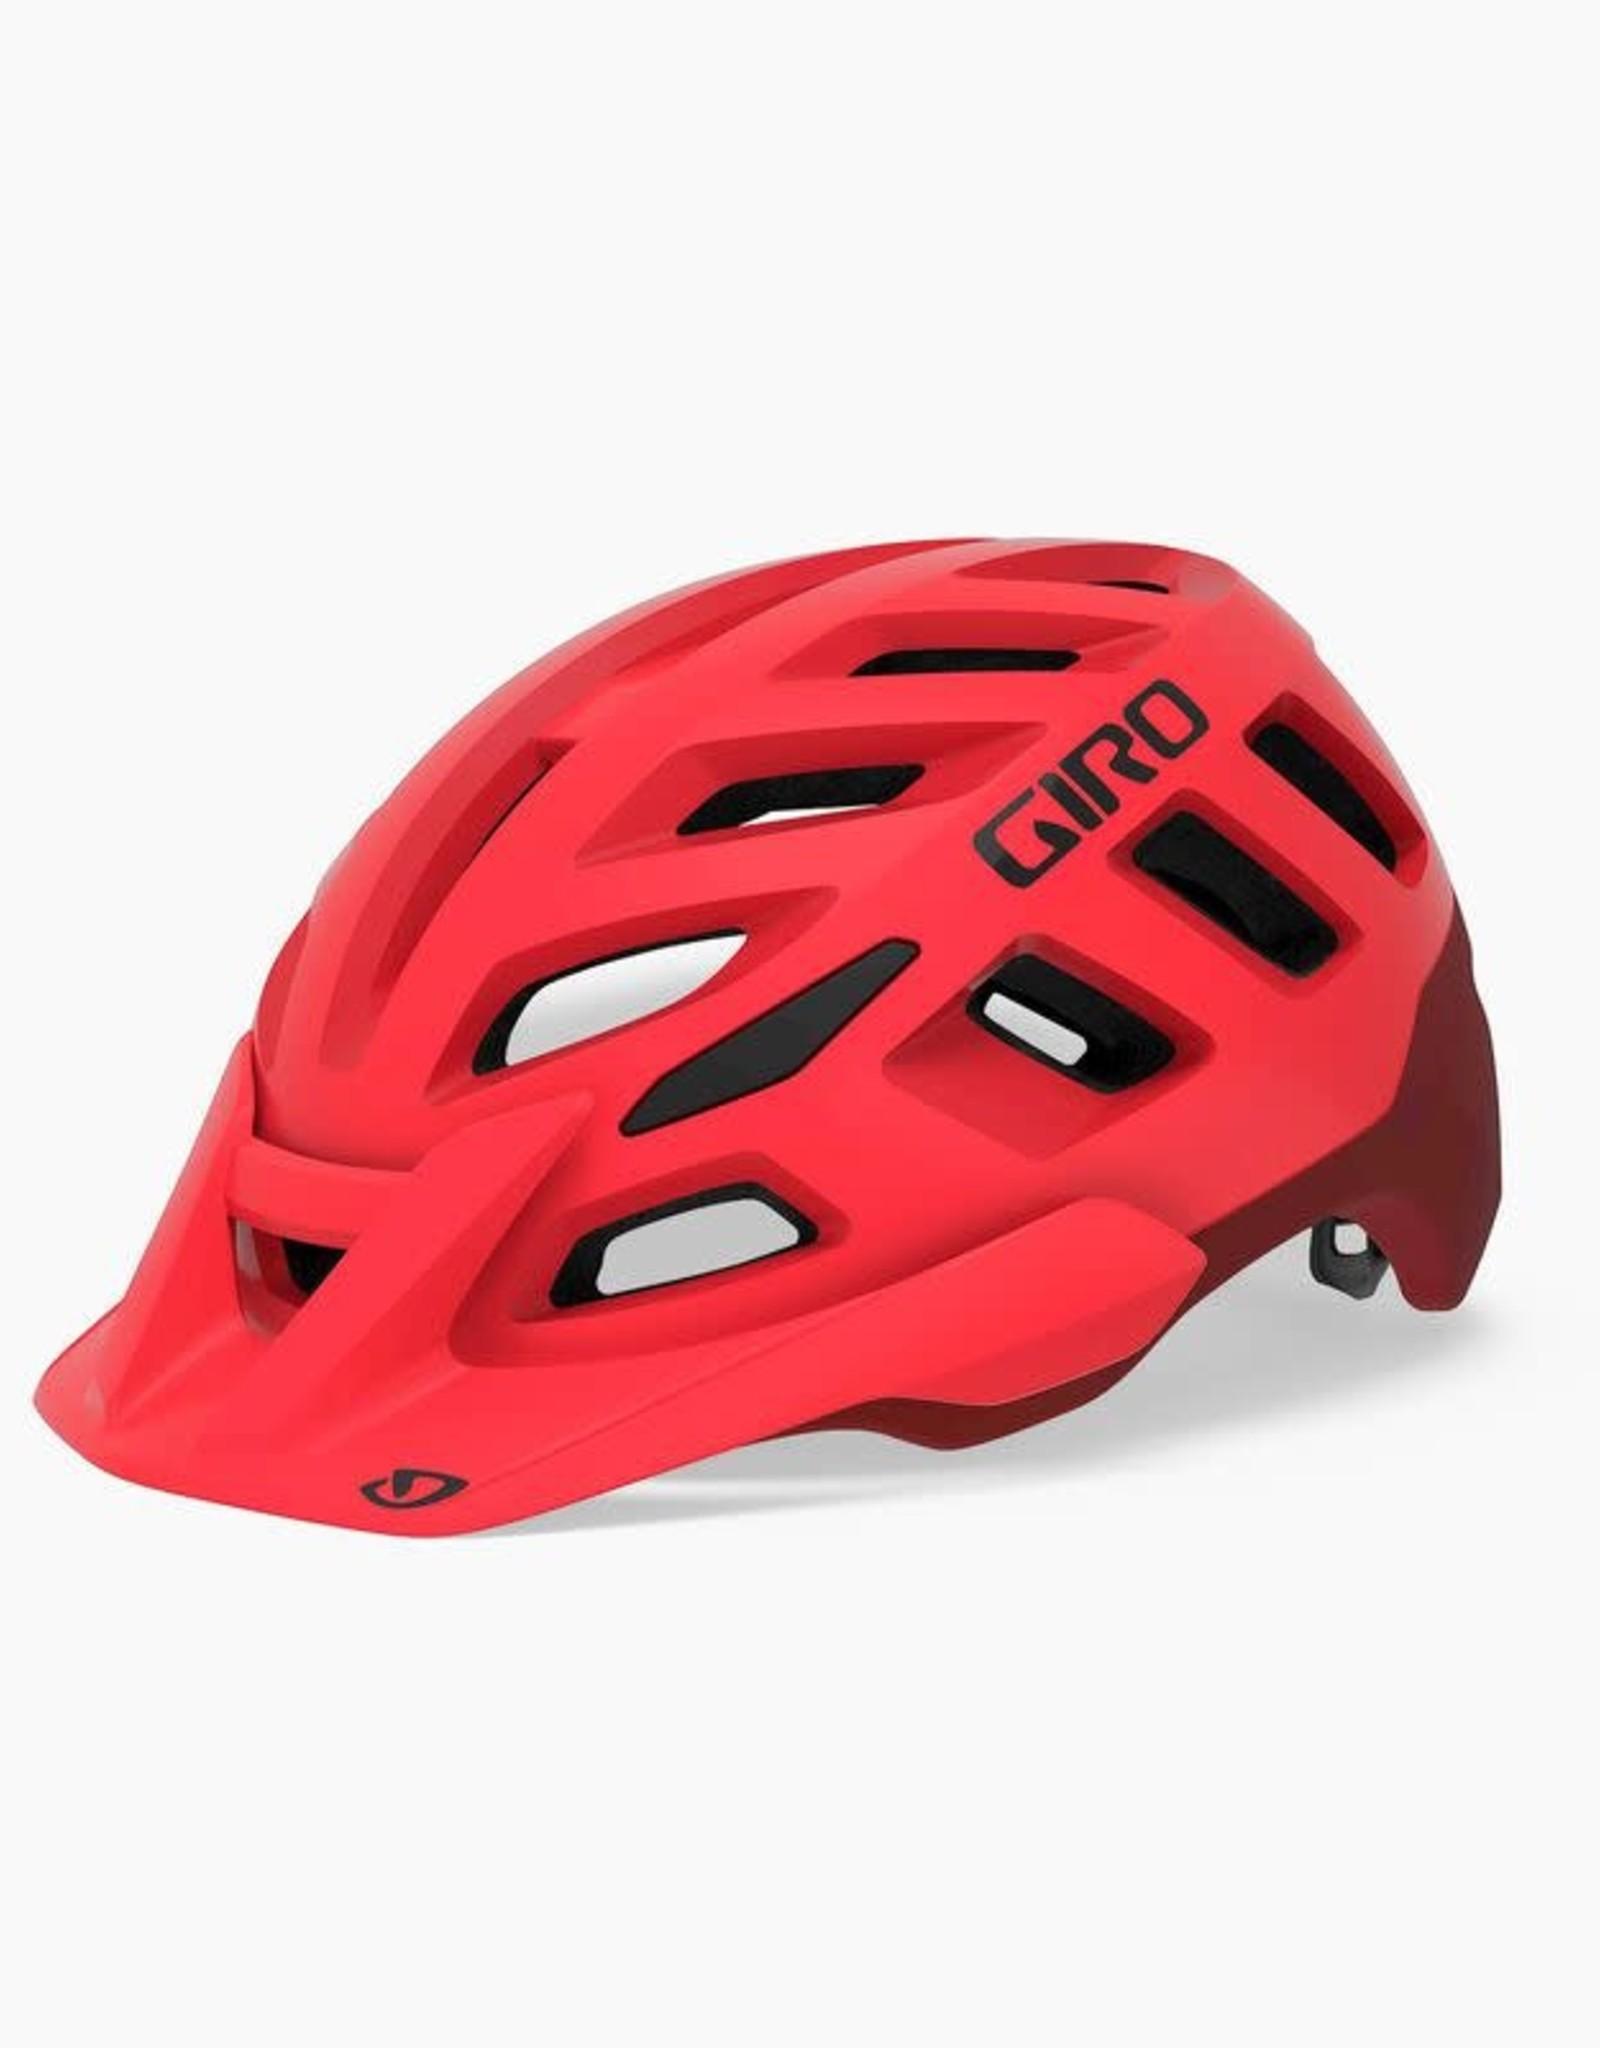 Giro Giro 2020 Radix MIPS Bike Helmet